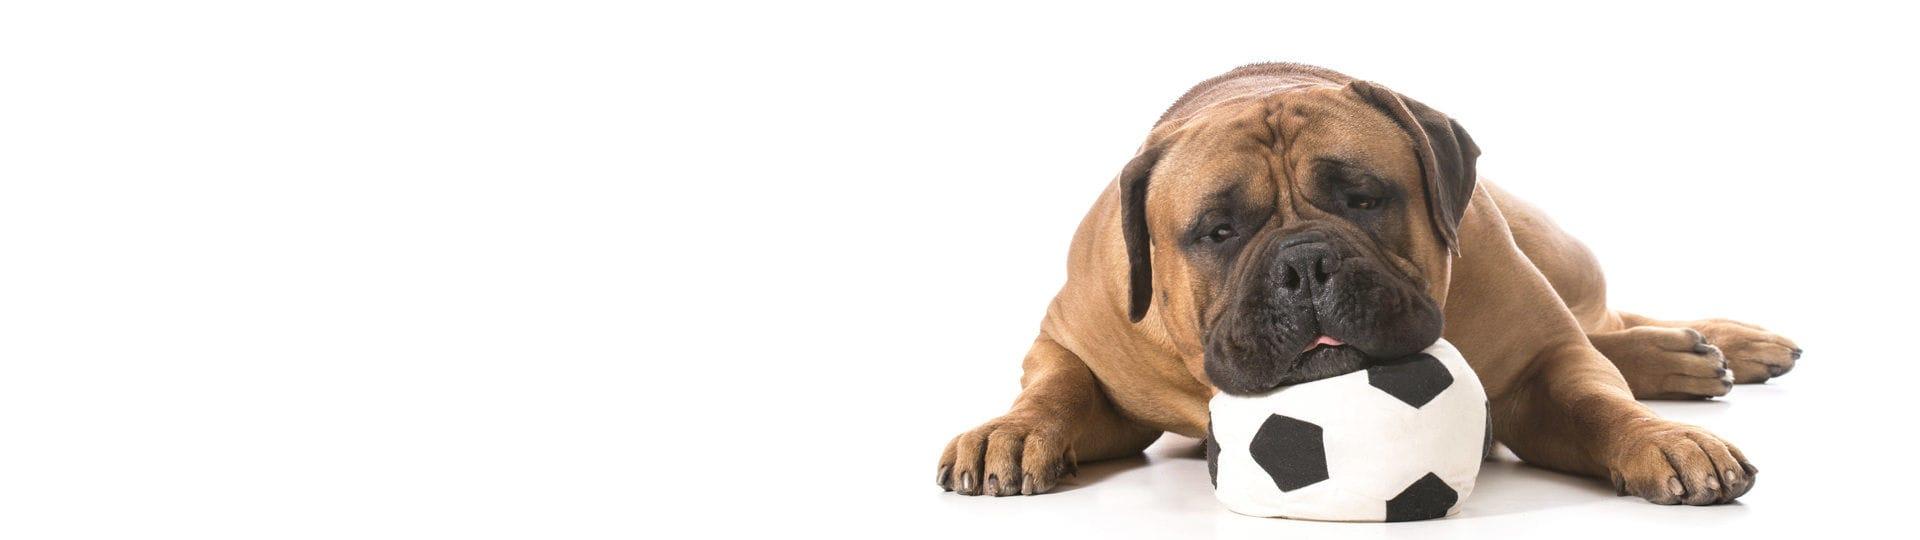 Adaptil é a primeira linha de produtos não medicamentosos para uso no ambiente, destinado a auxiliar na adaptação dos cães em situações adversas do dia a dia.